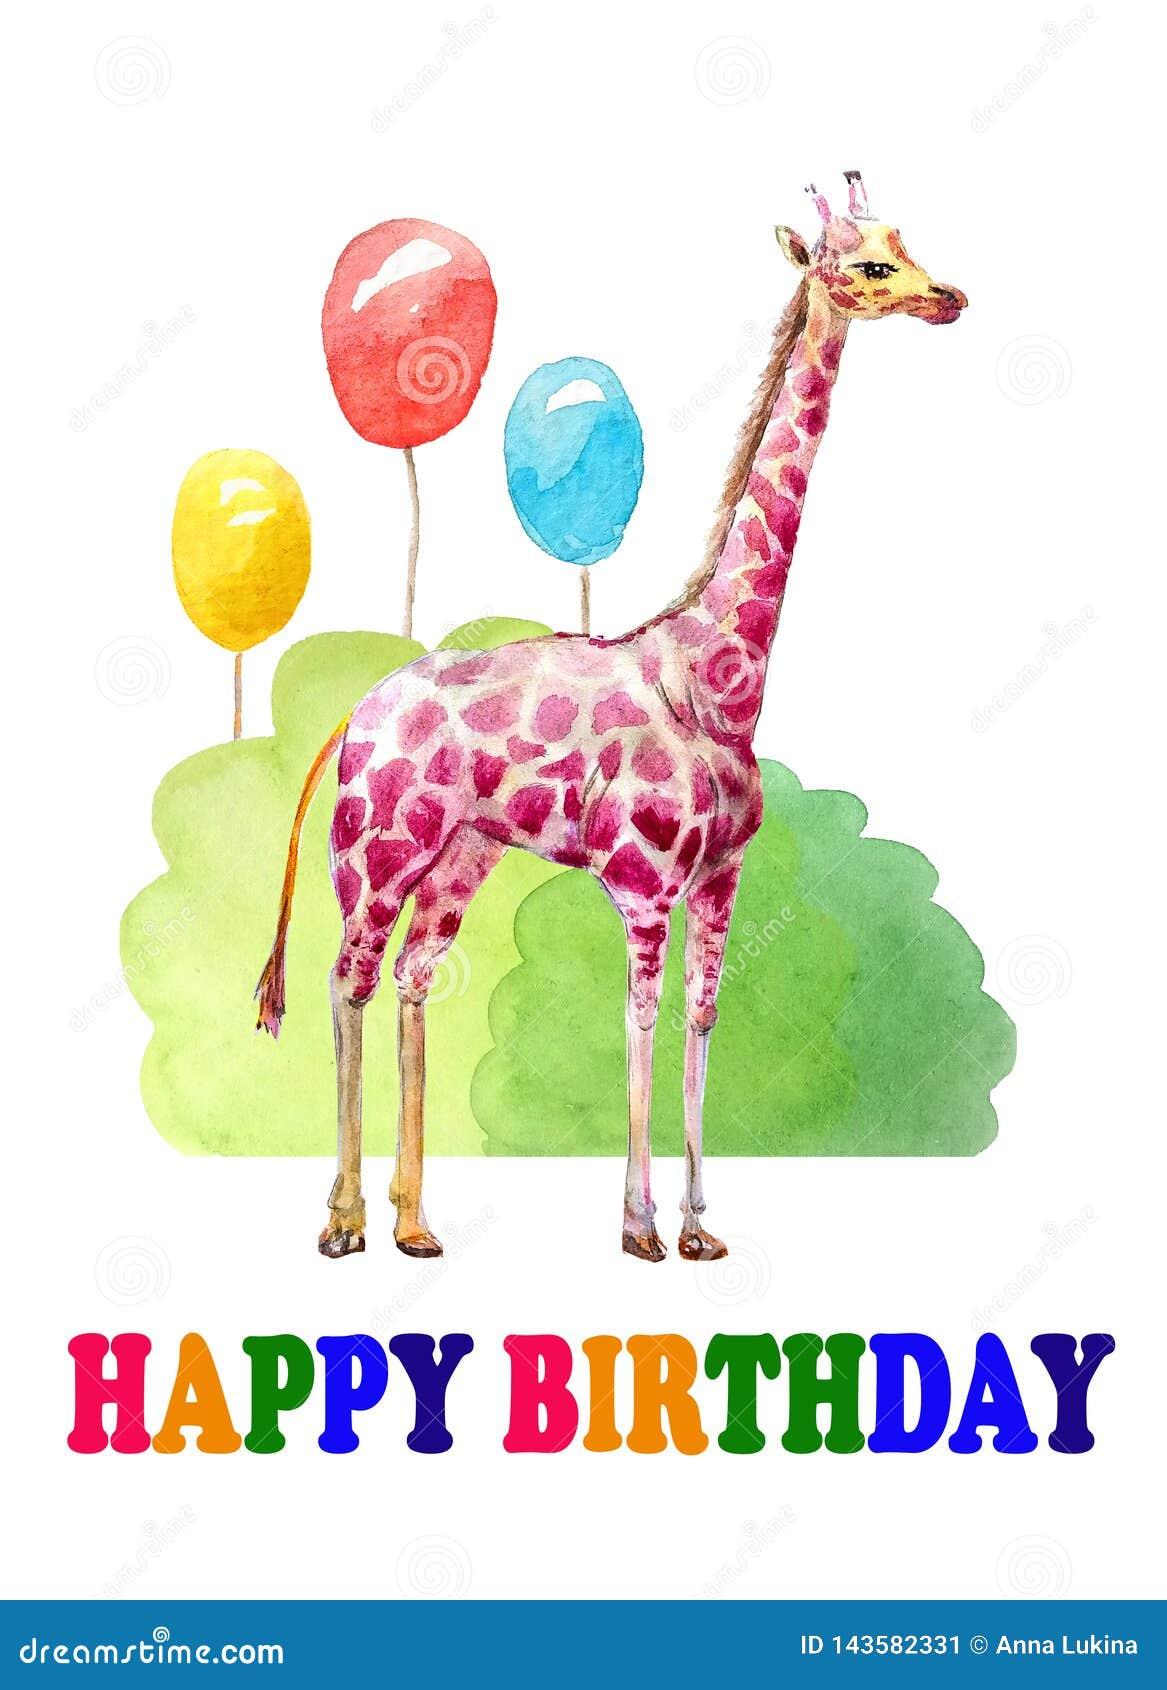 день рождения счастливый Поздравления жирафа цвета на празднике 3 красочных шарика, кусты акварель